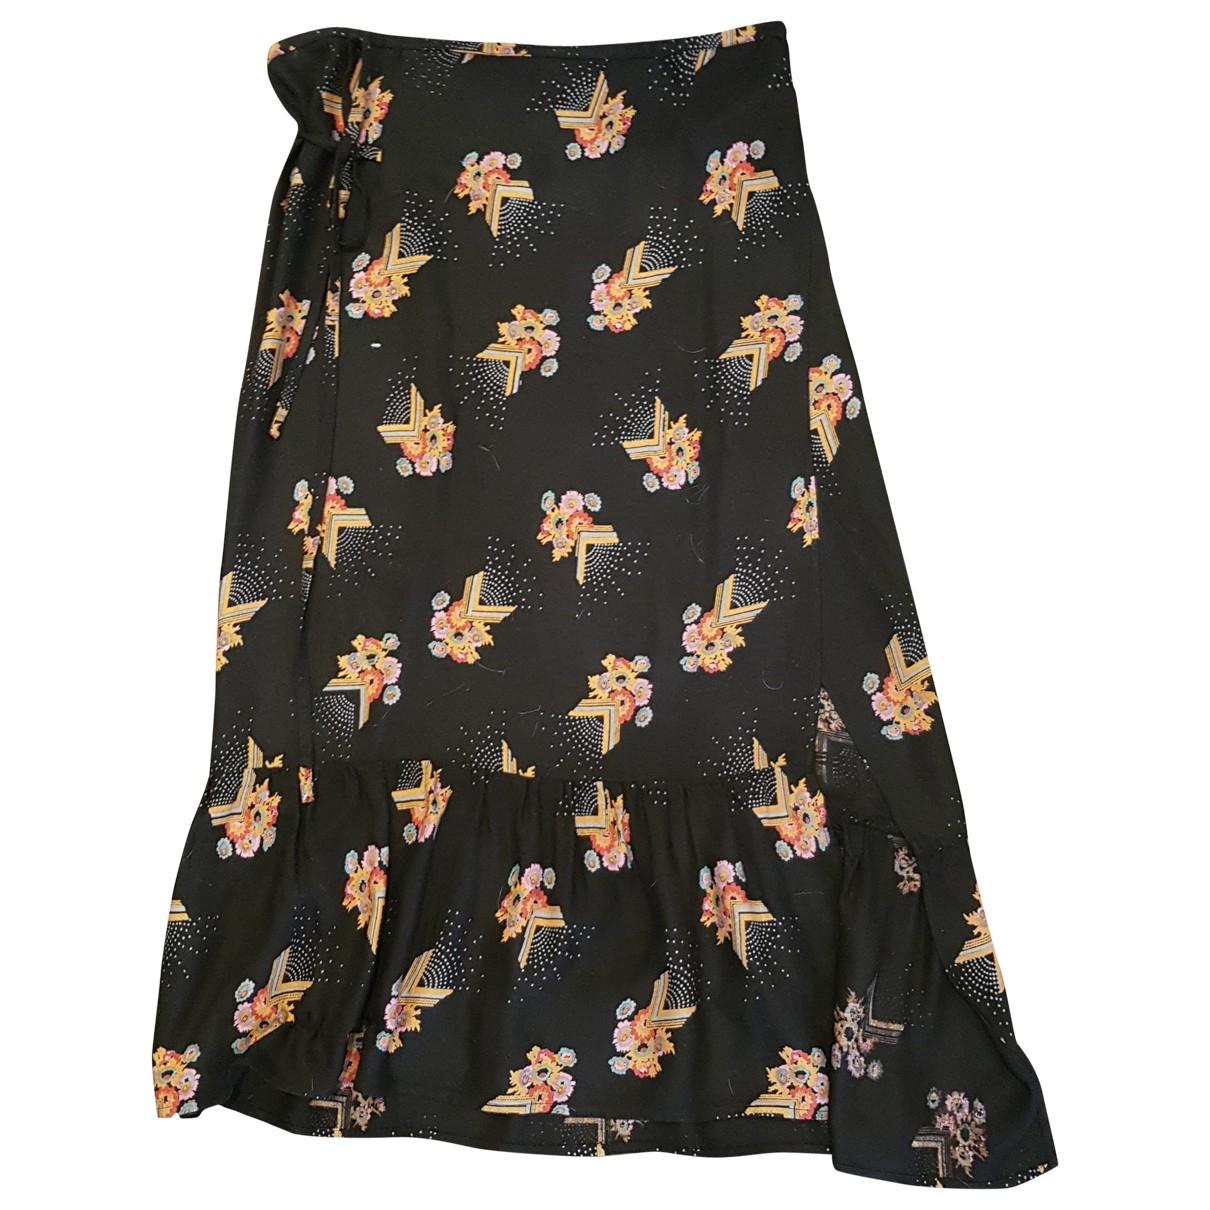 Isabel Marant \N Black Cotton skirt for Women 2 0-5